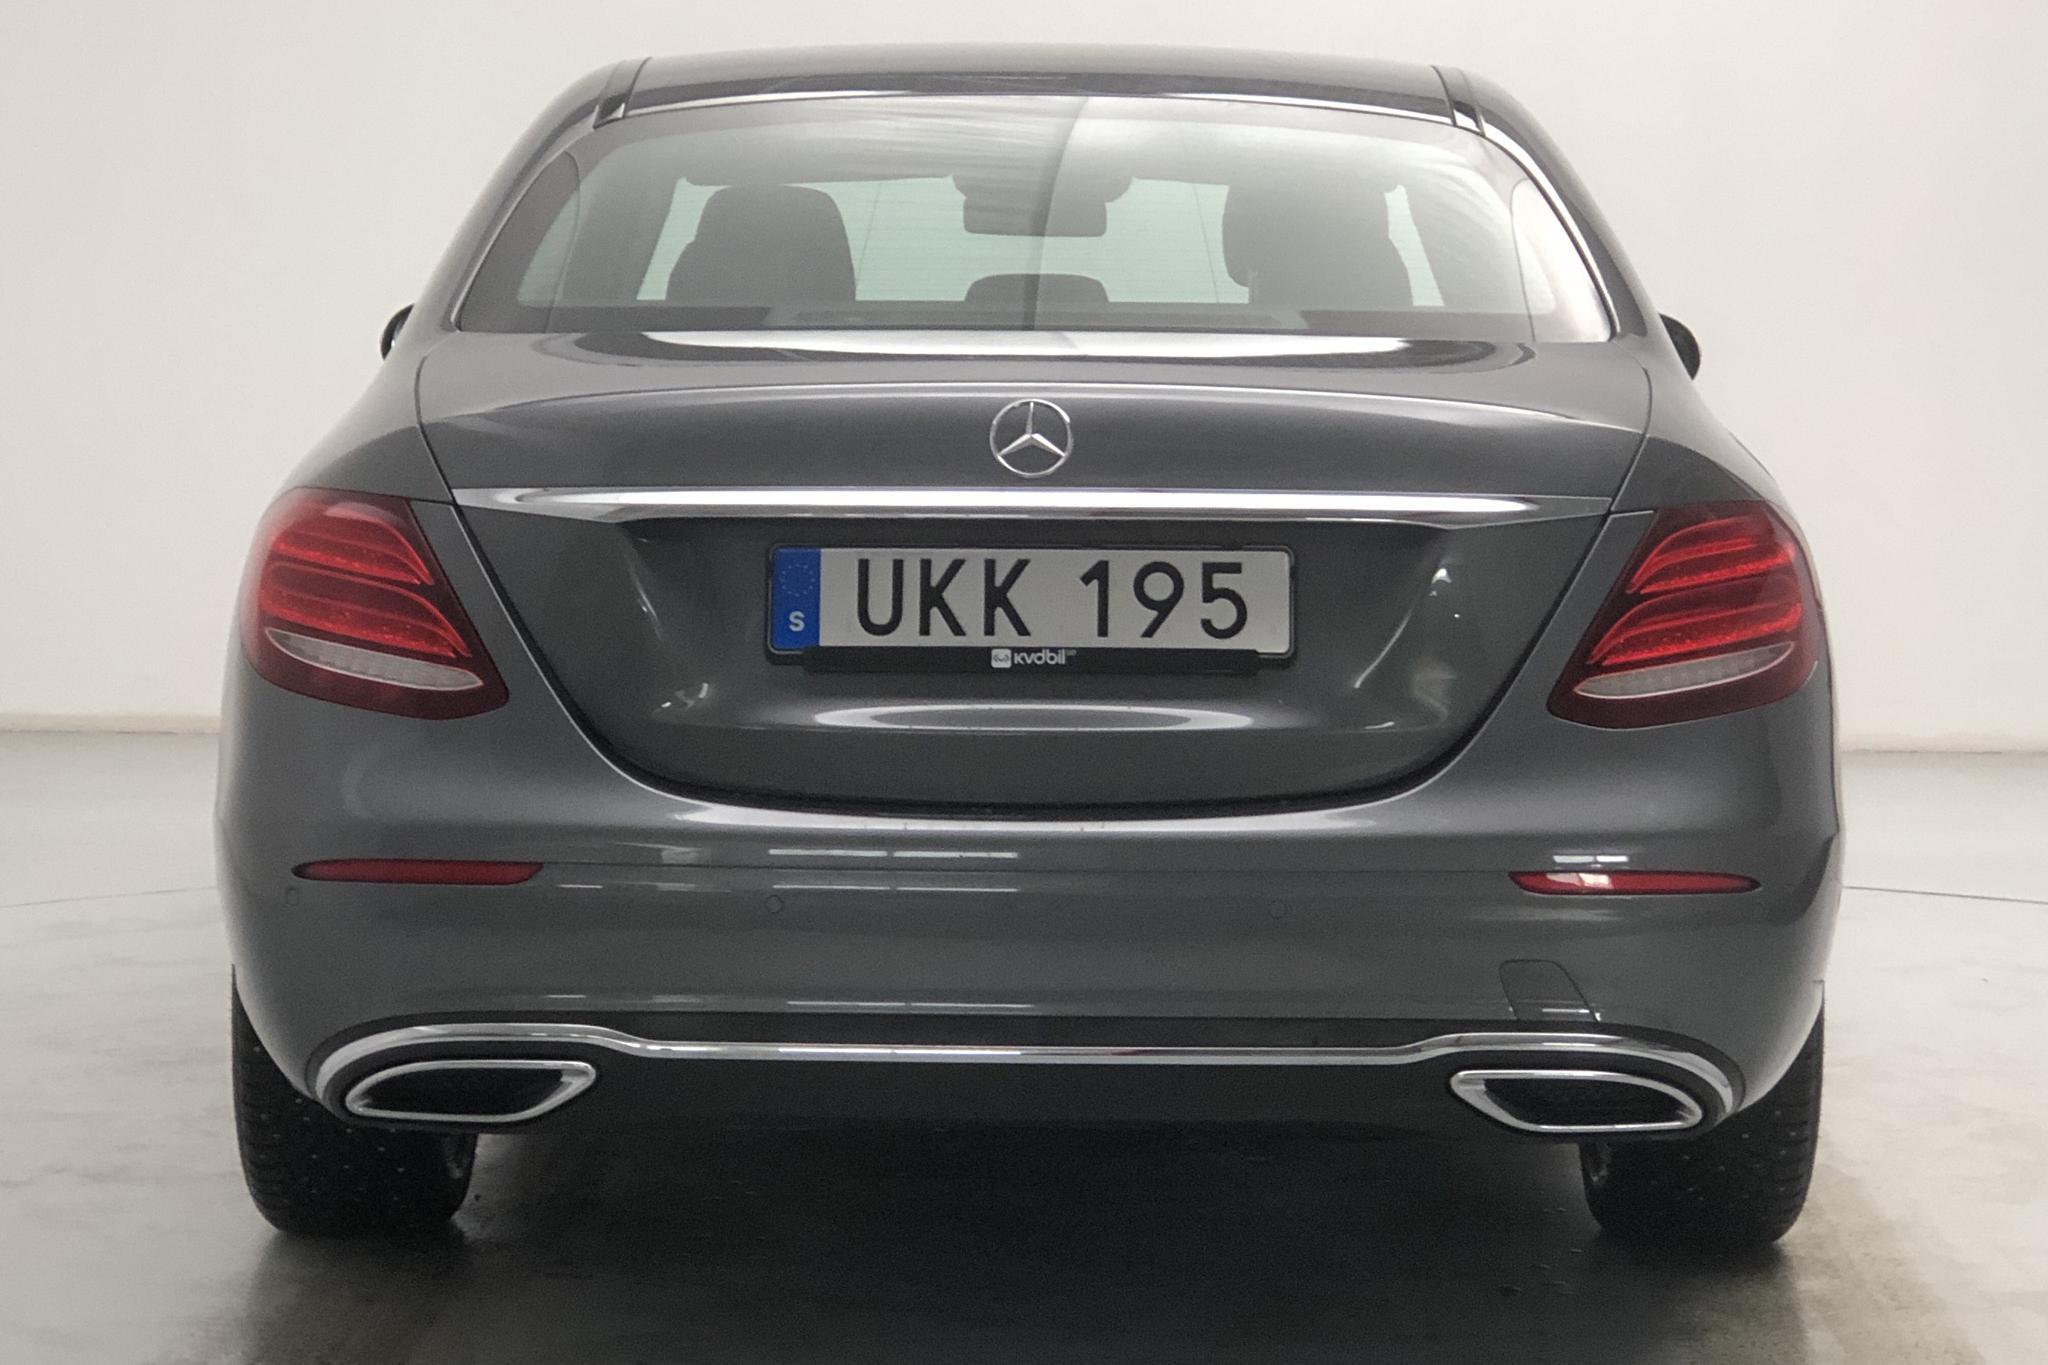 Mercedes E 220 d Sedan W213 (194hk) - 3 103 mil - Automat - grå - 2018